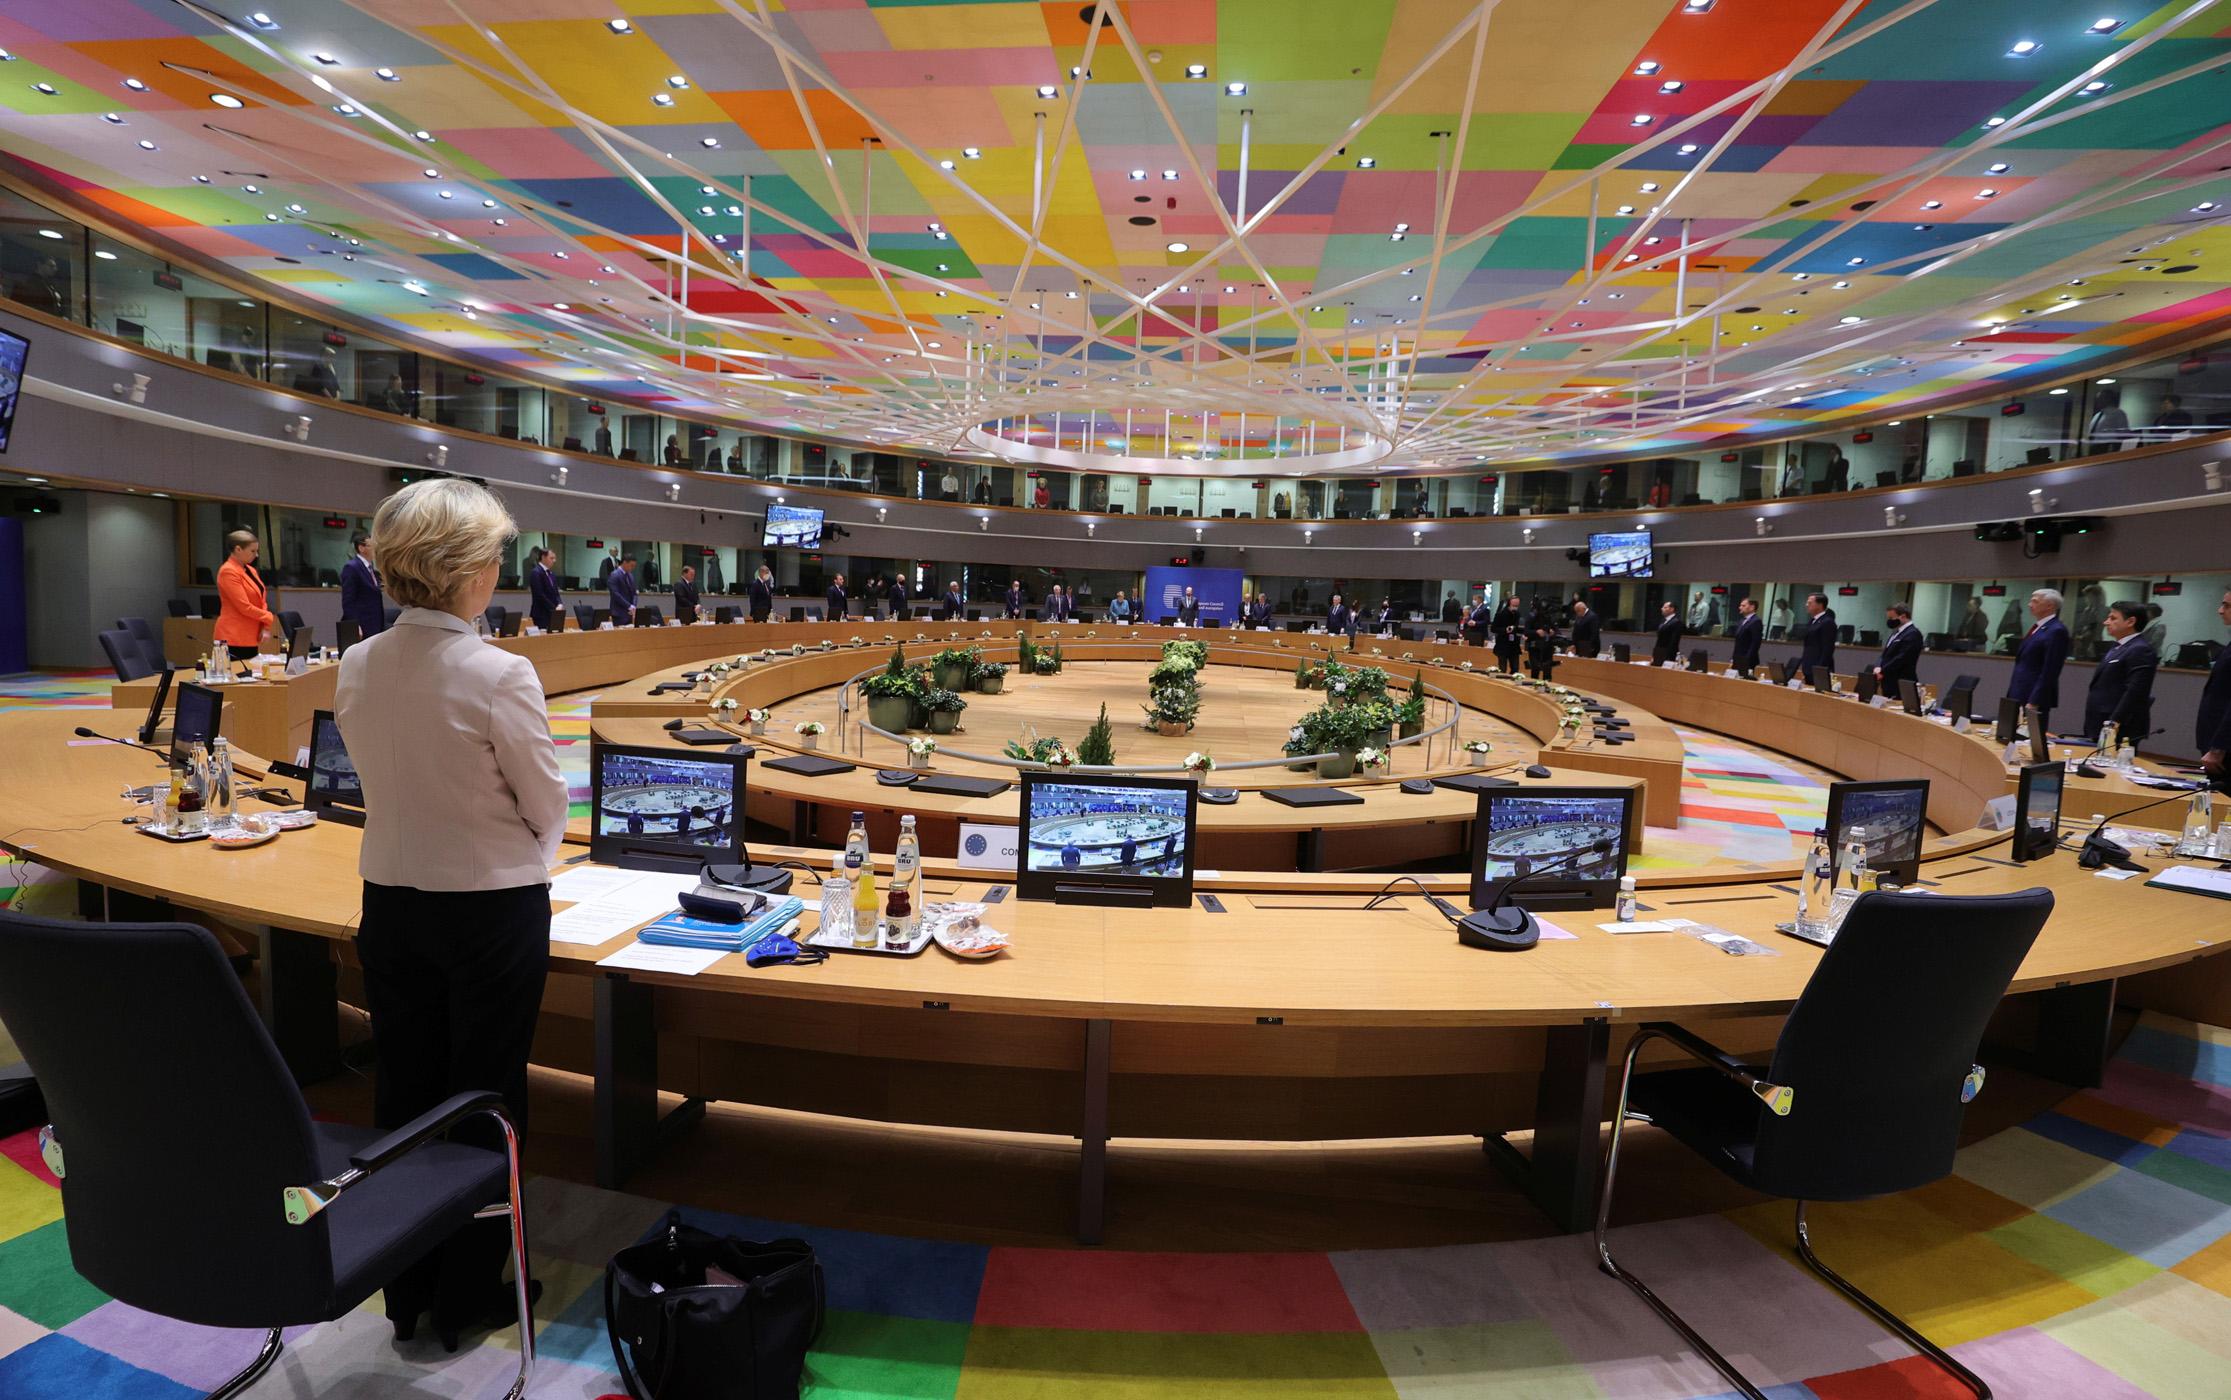 Σύνοδος Κορυφής: Νύχτα «θρίλερ» στις Βρυξέλλες – Ποιες χώρες είναι υπέρ και ποιες κατά των κυρώσεων στην Τουρκία